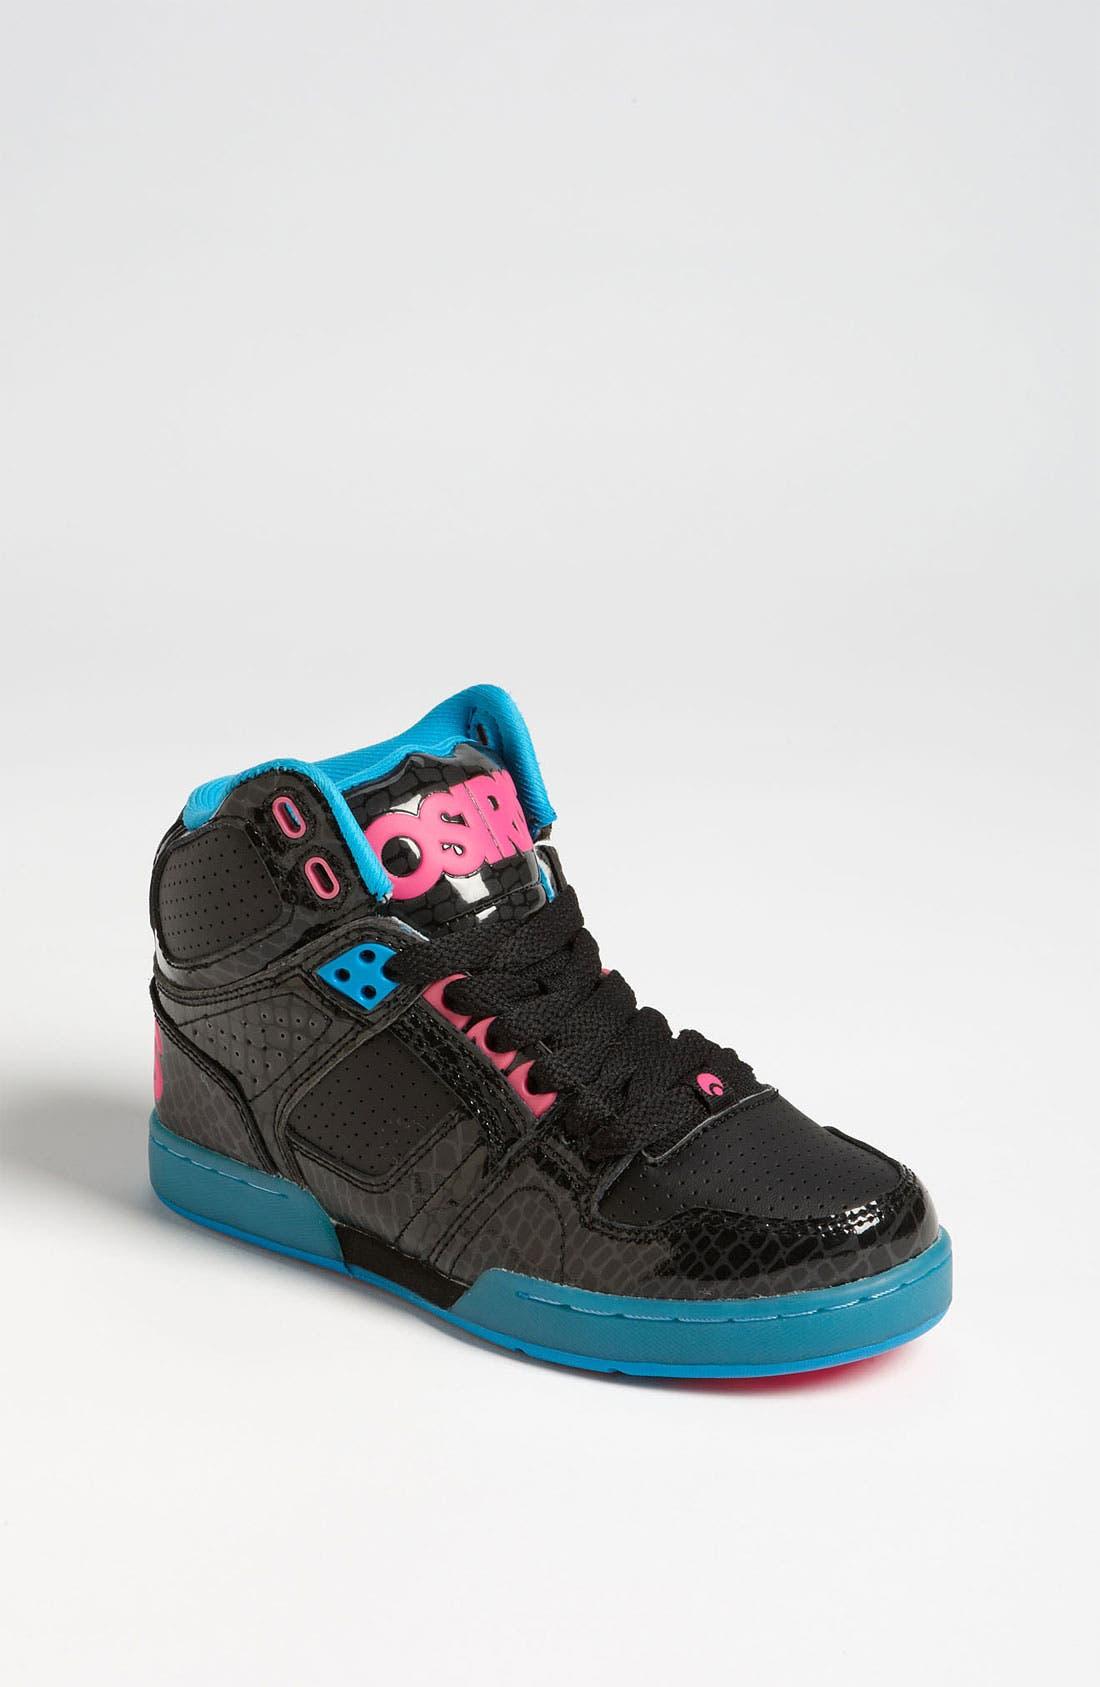 Alternate Image 1 Selected - Osiris 'NYC 83 Slim' Sneaker (Toddler, Little Kid & Big Kid)